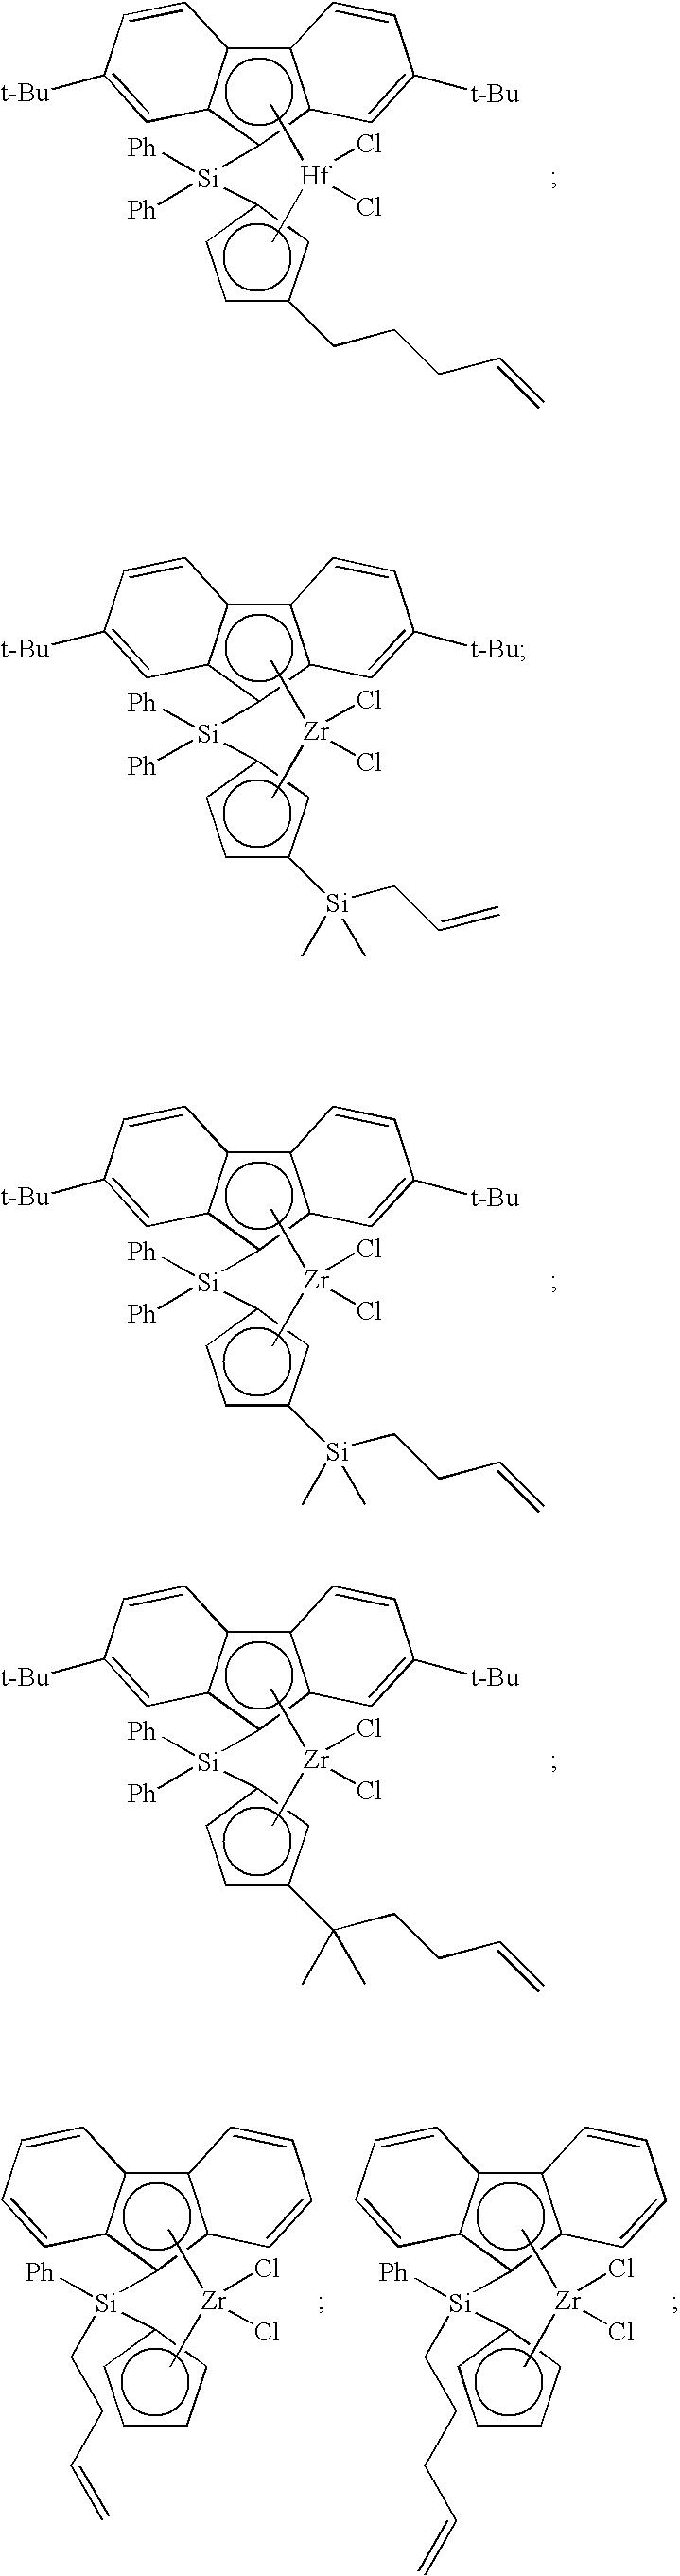 Figure US08329834-20121211-C00015